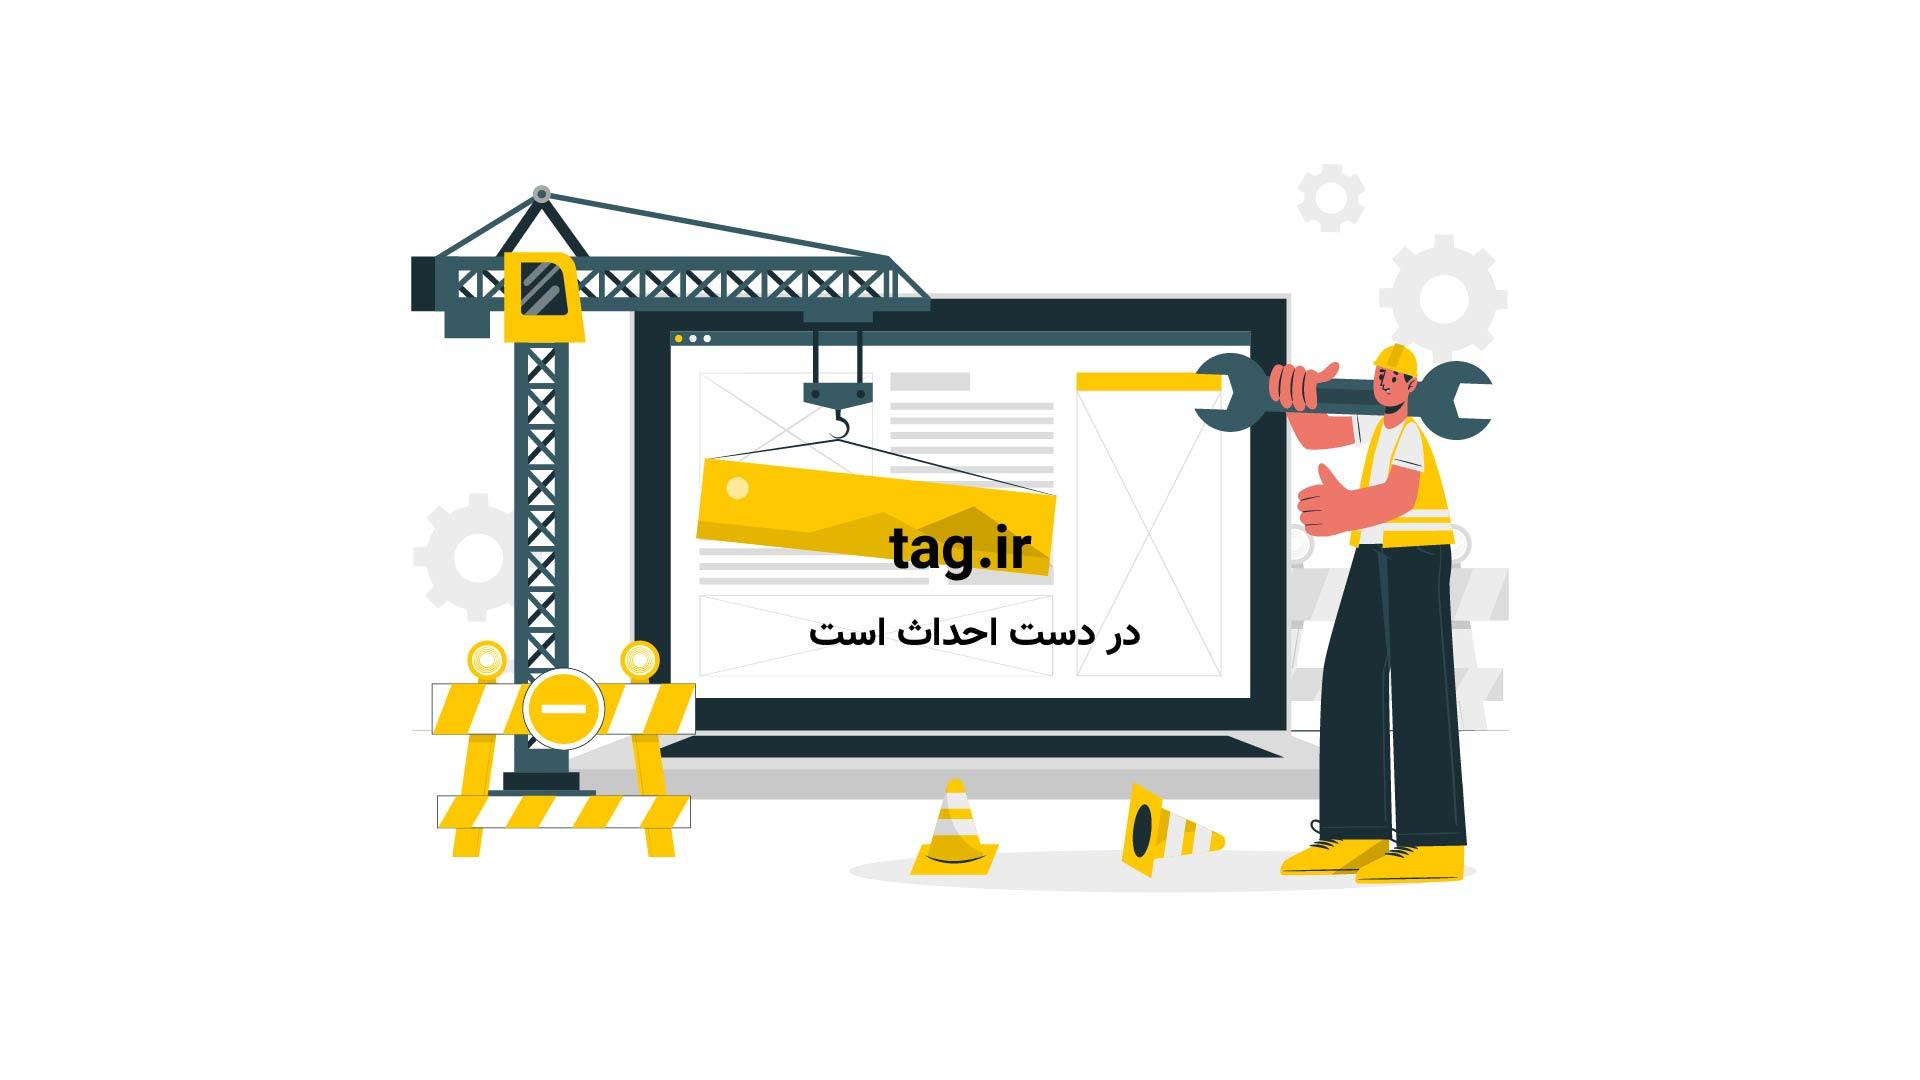 گلدان با کاموا | تگ